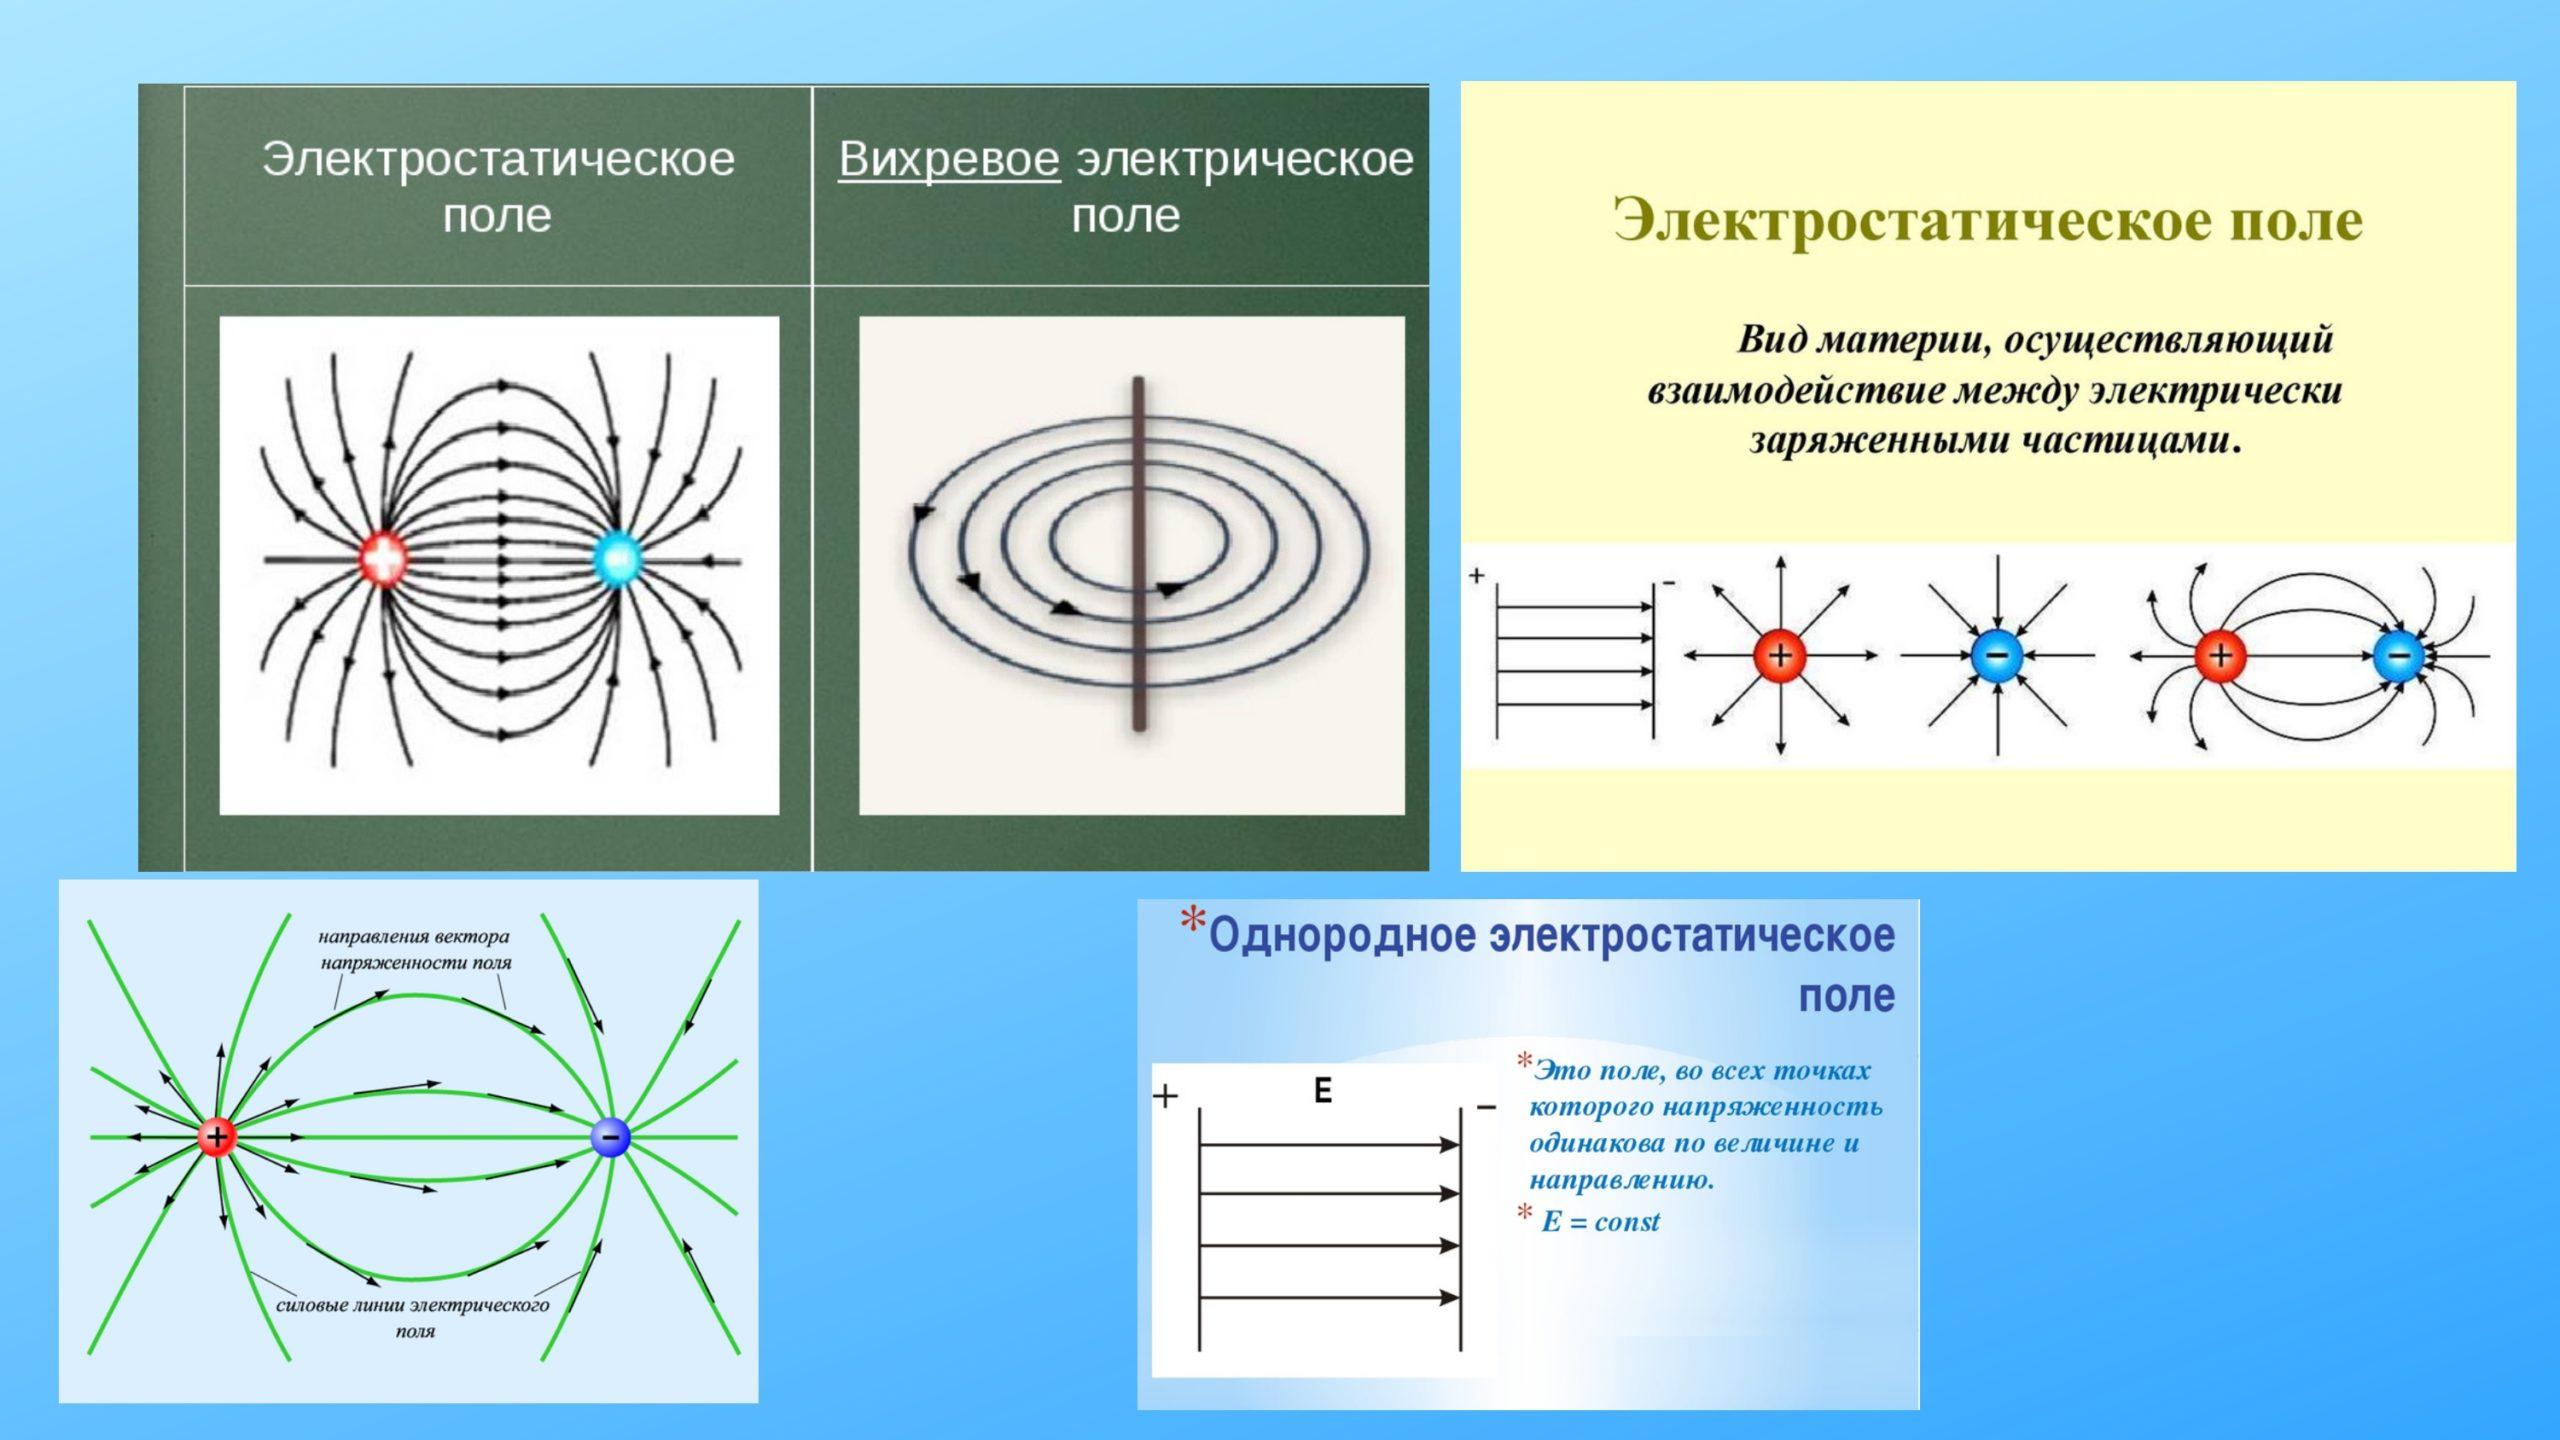 Электростатическое поле